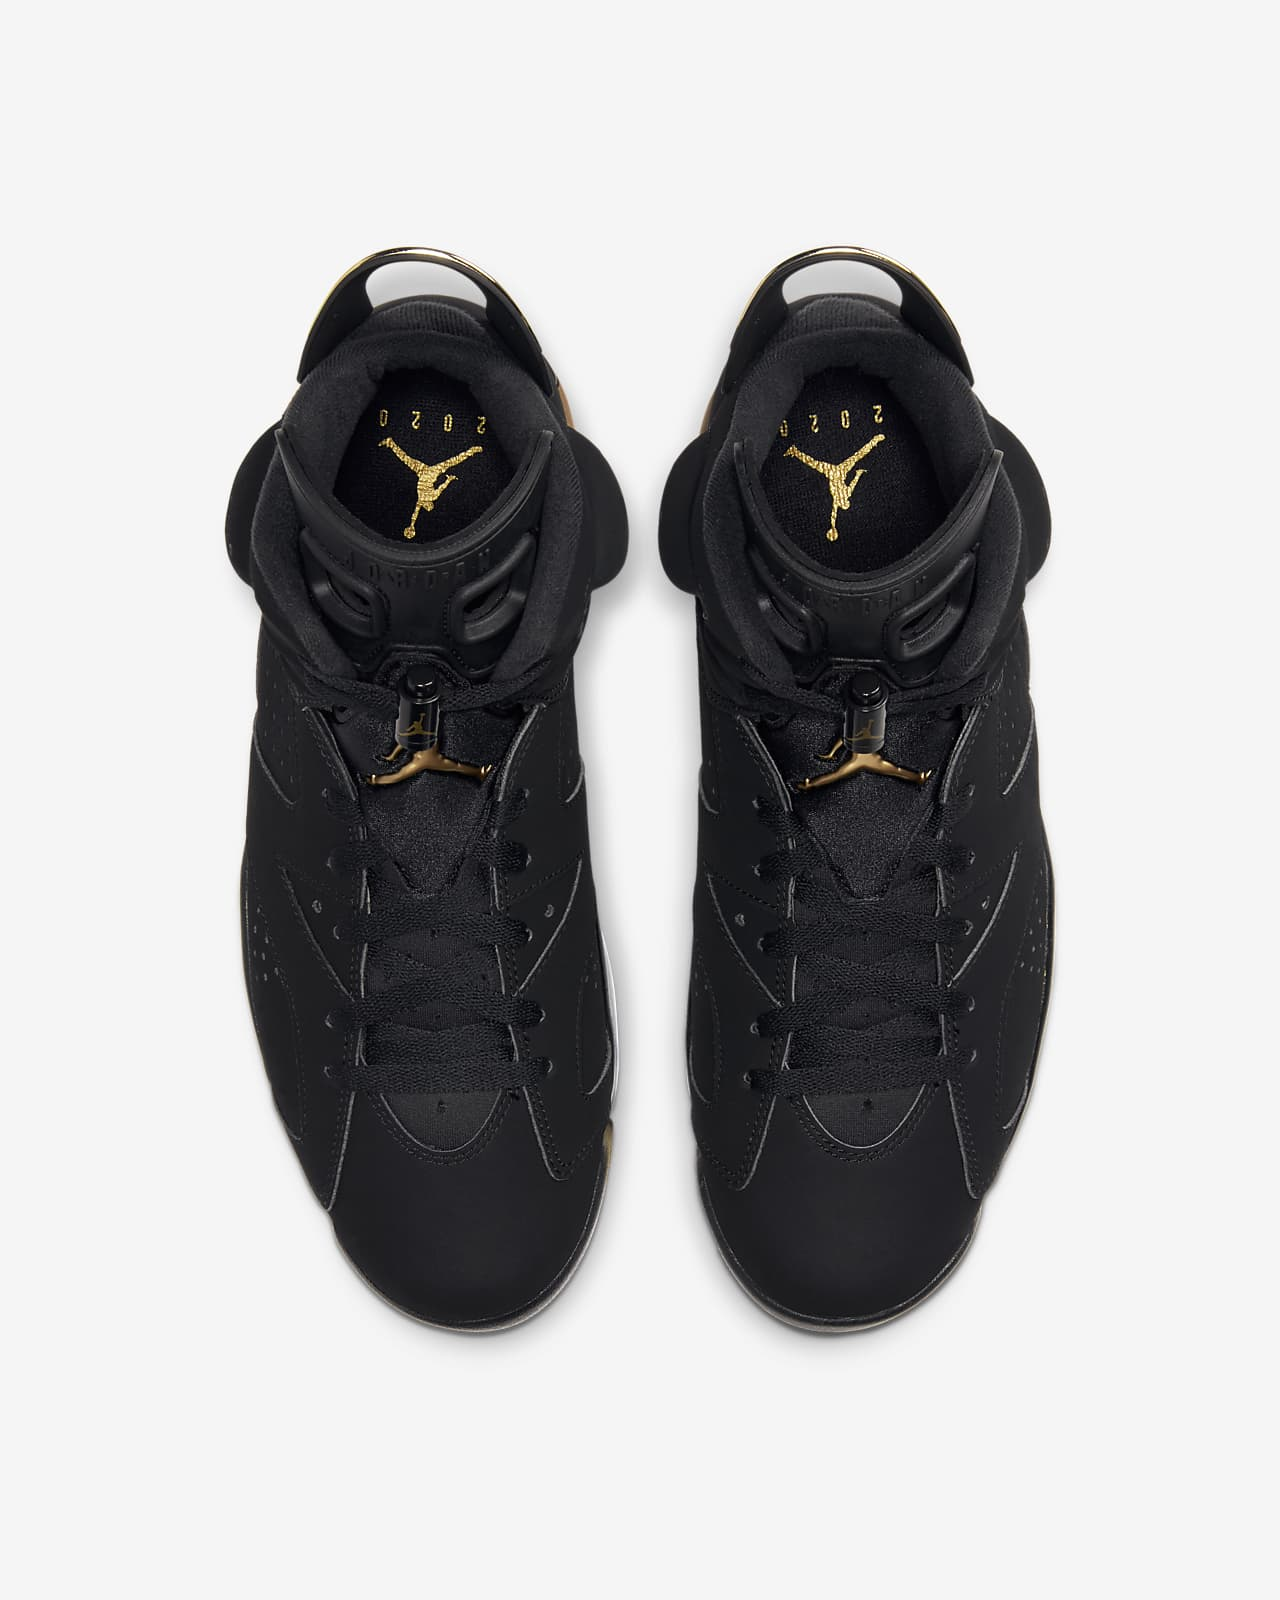 Air Jordan 6 Retro DMP Men's Shoe